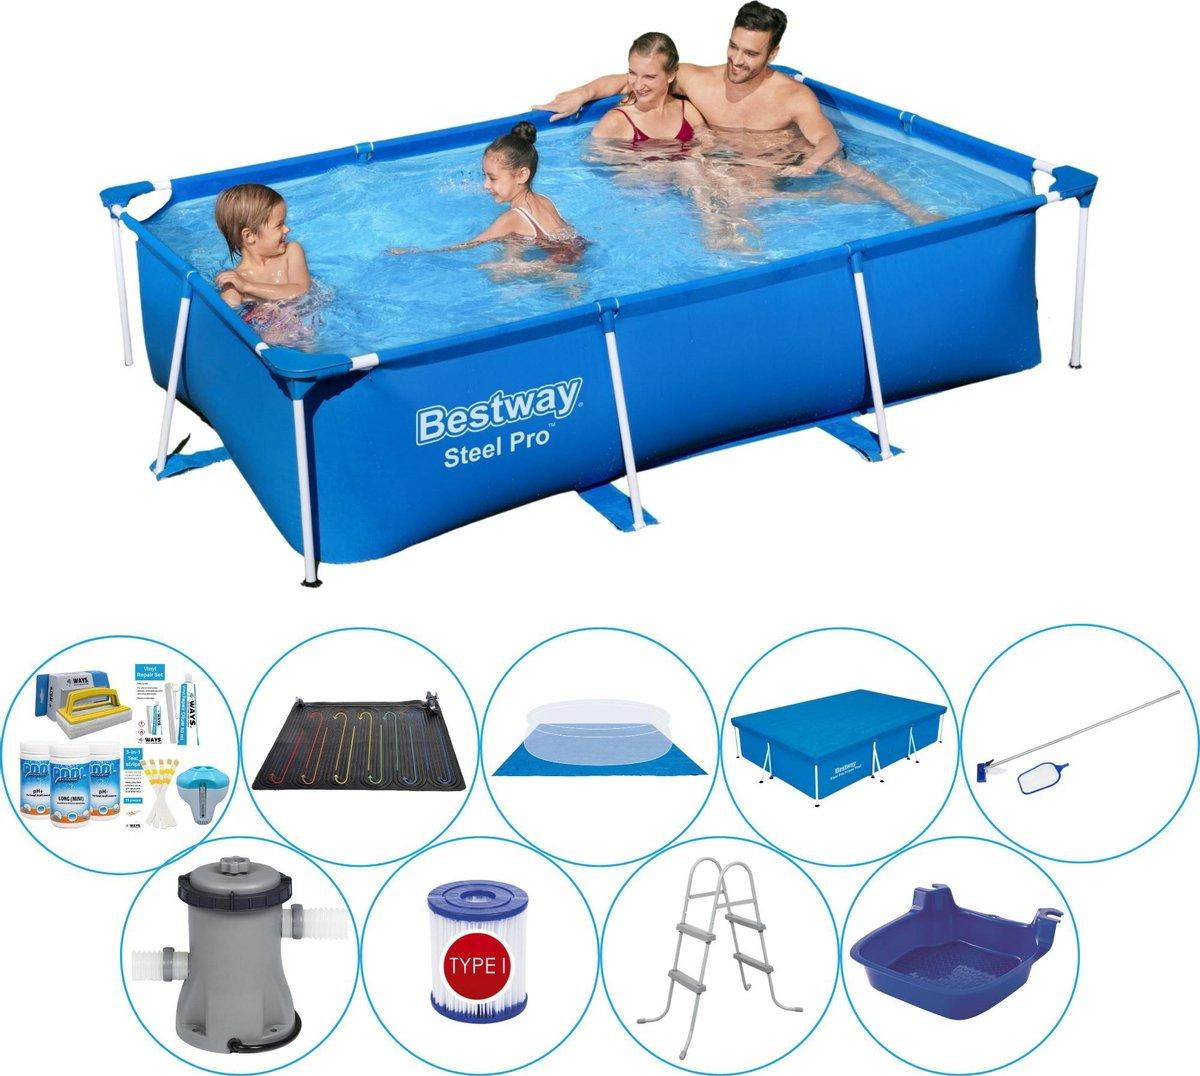 Bestway Steel Pro Rechthoekig Zwembad - 259 x 170 x 61 cm - Blauw - Deluxe Set